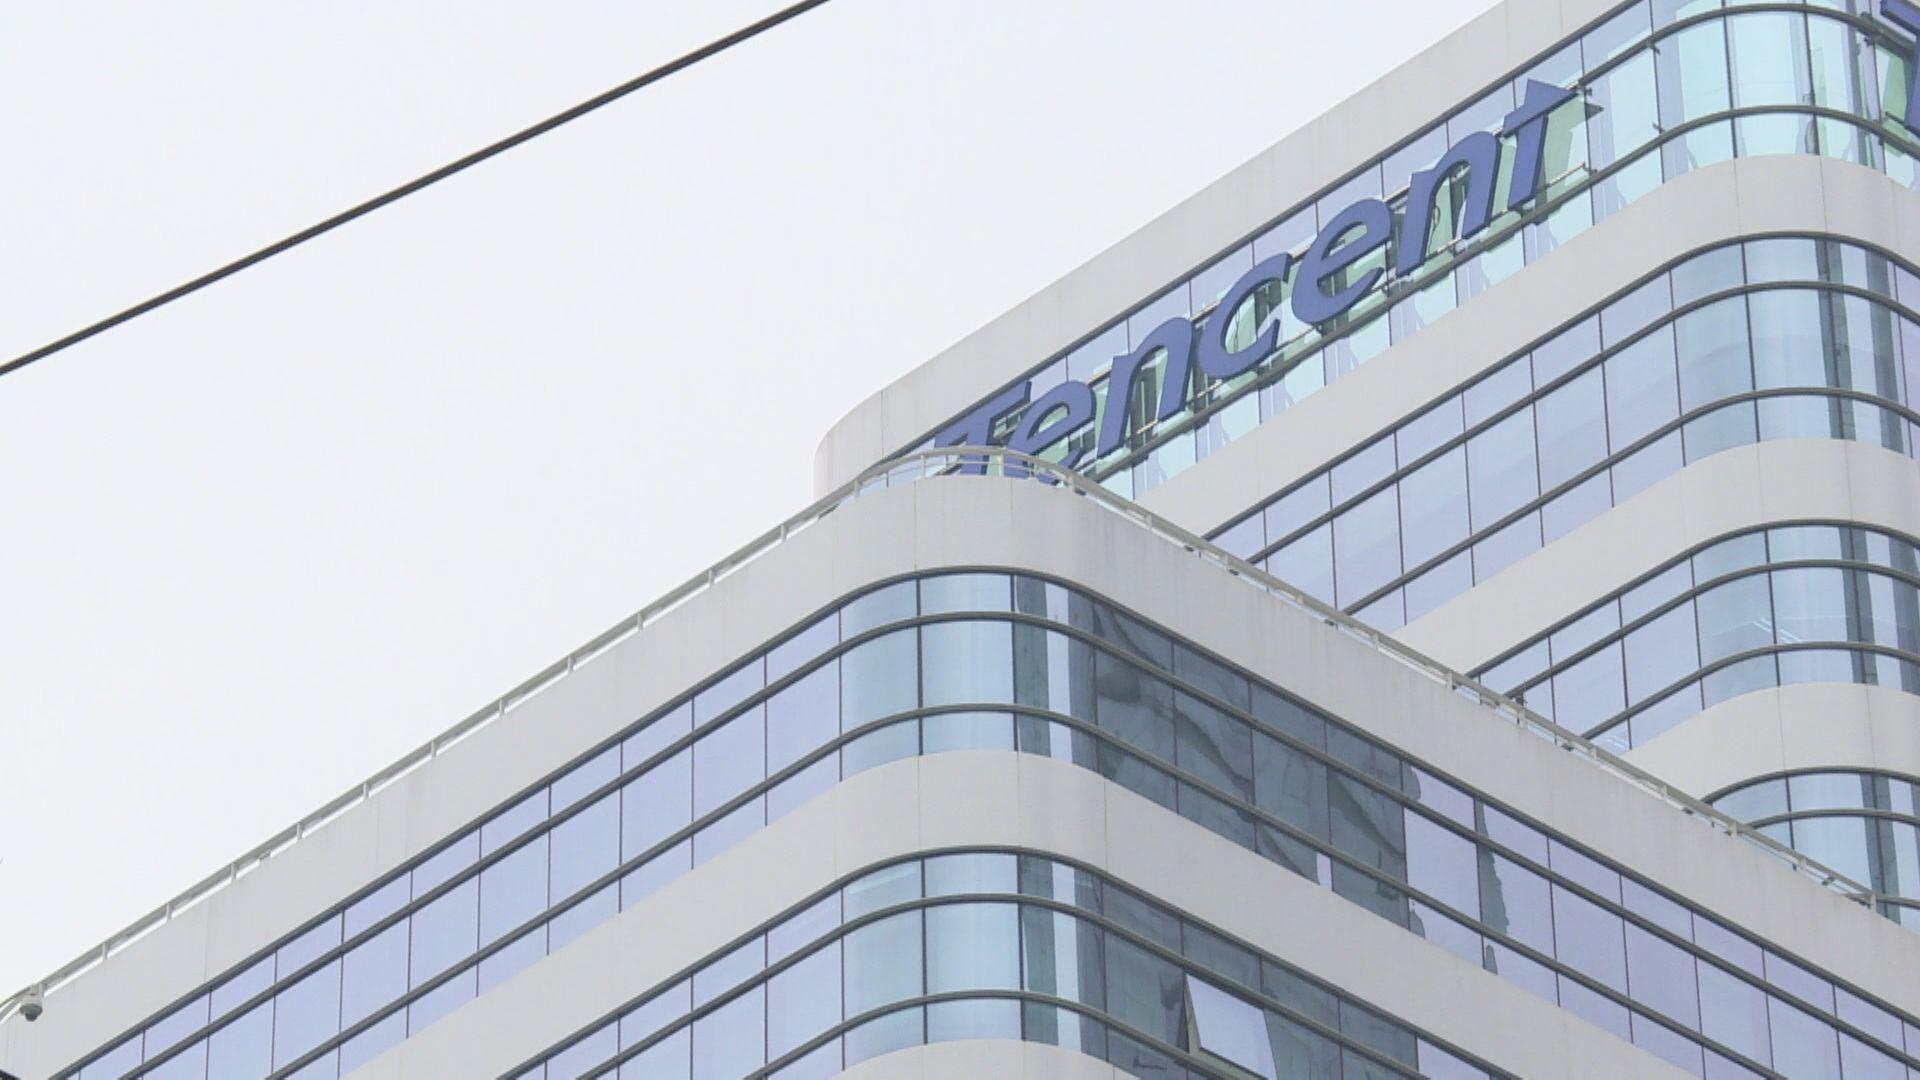 彭博:騰訊尋求60億美元銀團貸款